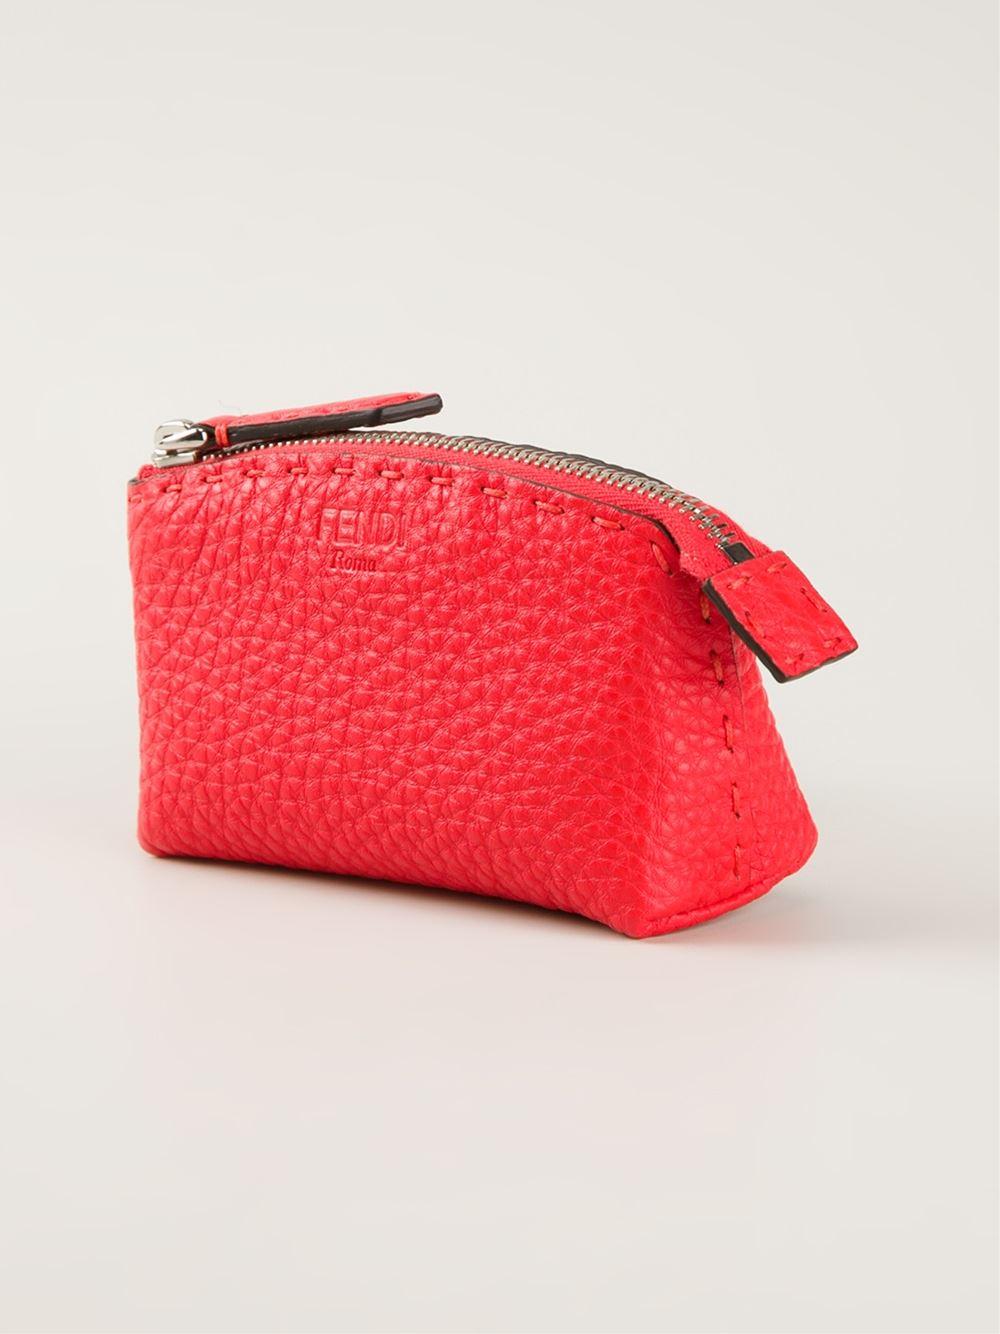 d8d6de01f43 ... australia lyst fendi selleria makeup bag in red e993a 600a6